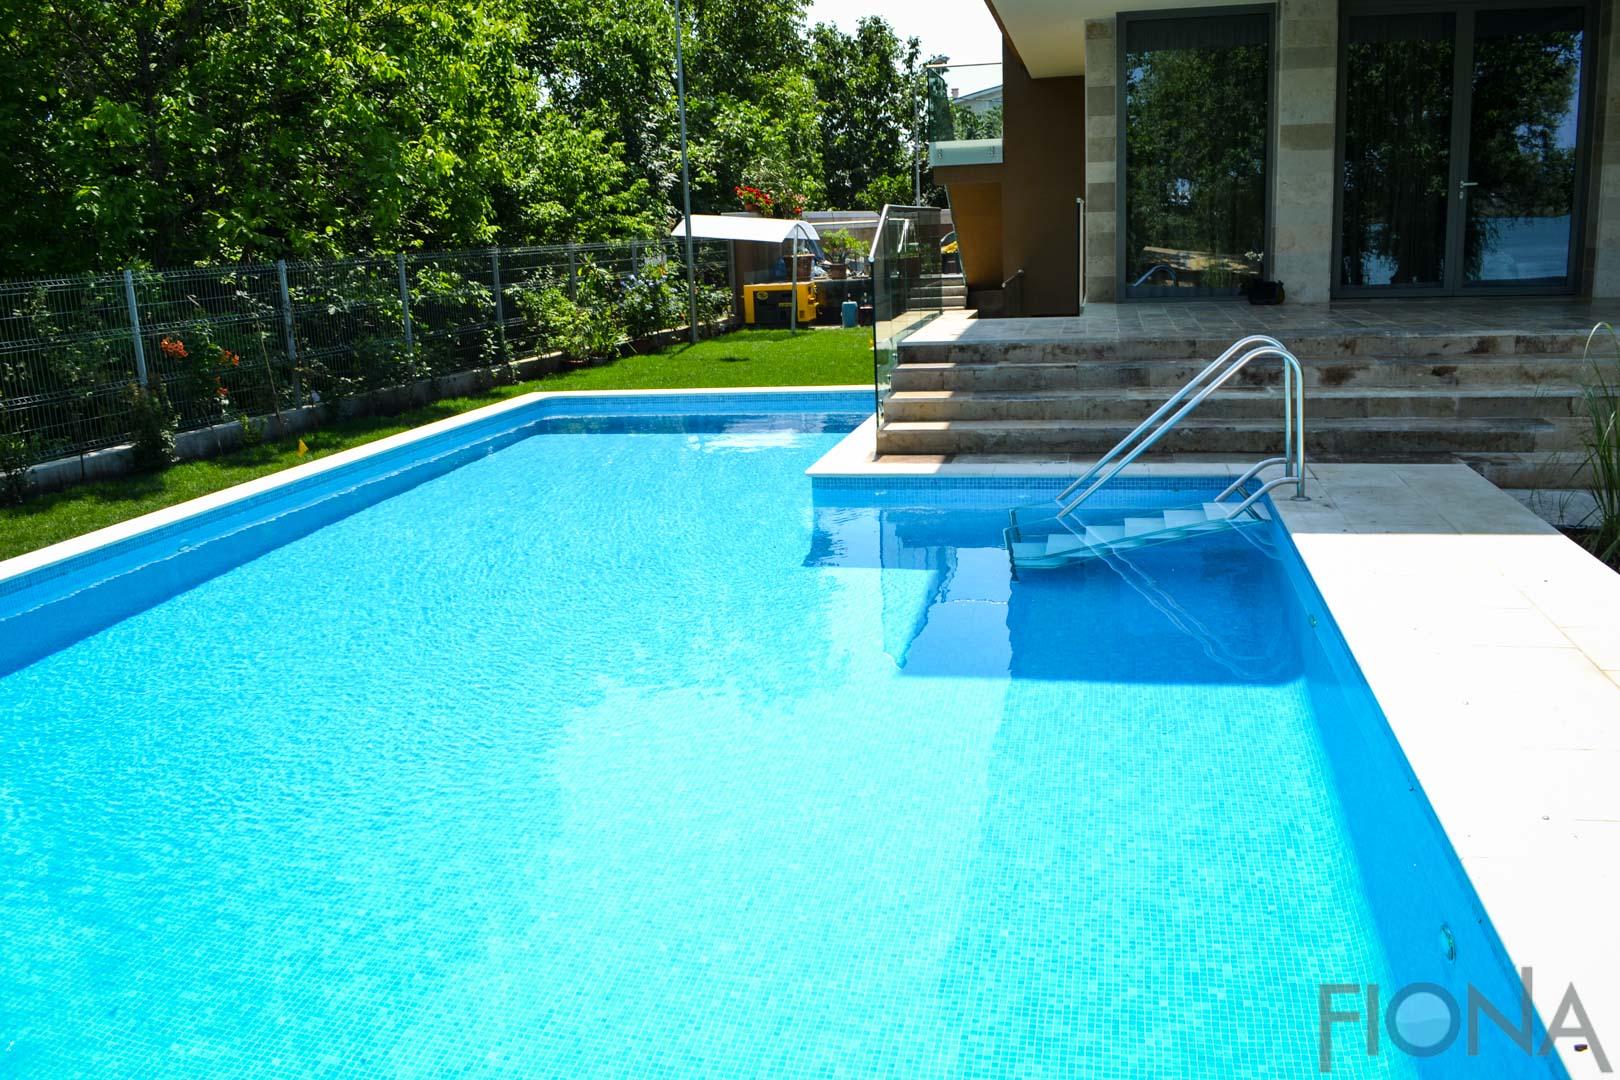 piscina-privata-skimmer4